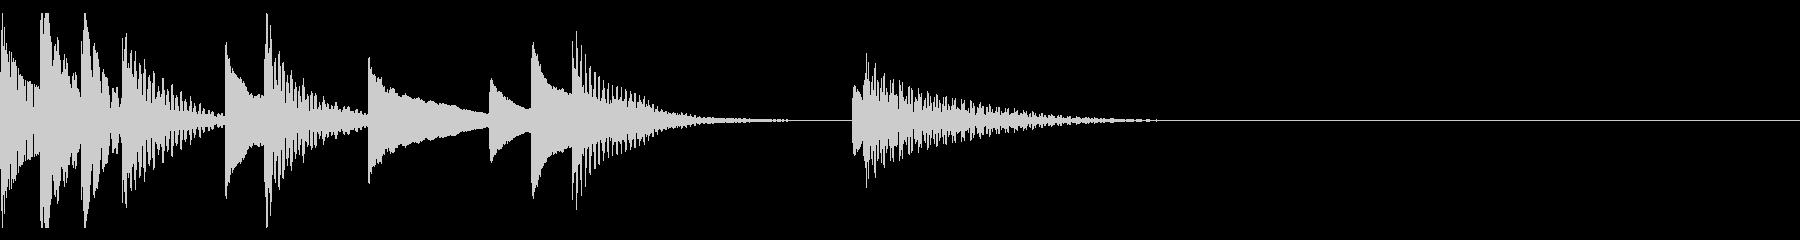 マリンバのほのぼのしたかわいいジングルの未再生の波形